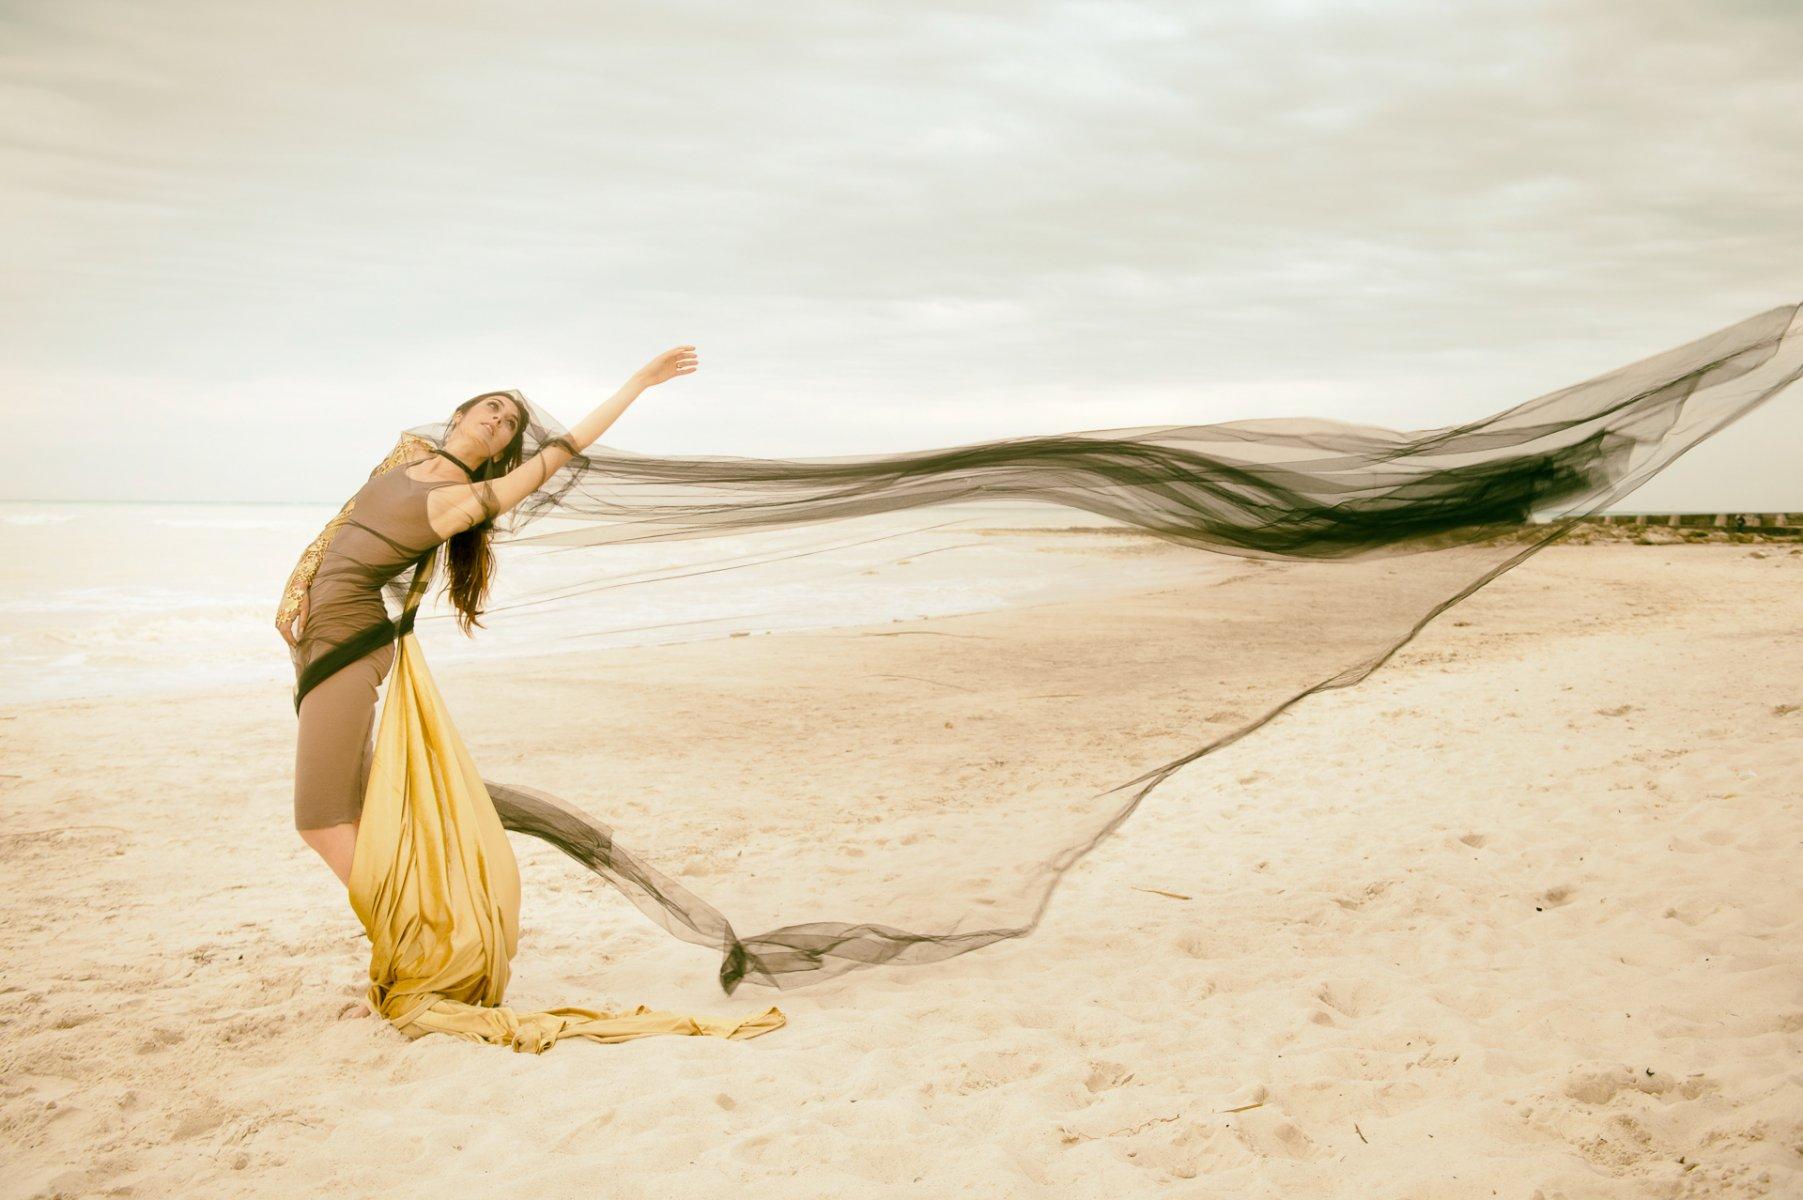 Sea-Queens-Idriss-Guelai-116 Fashion/Adv